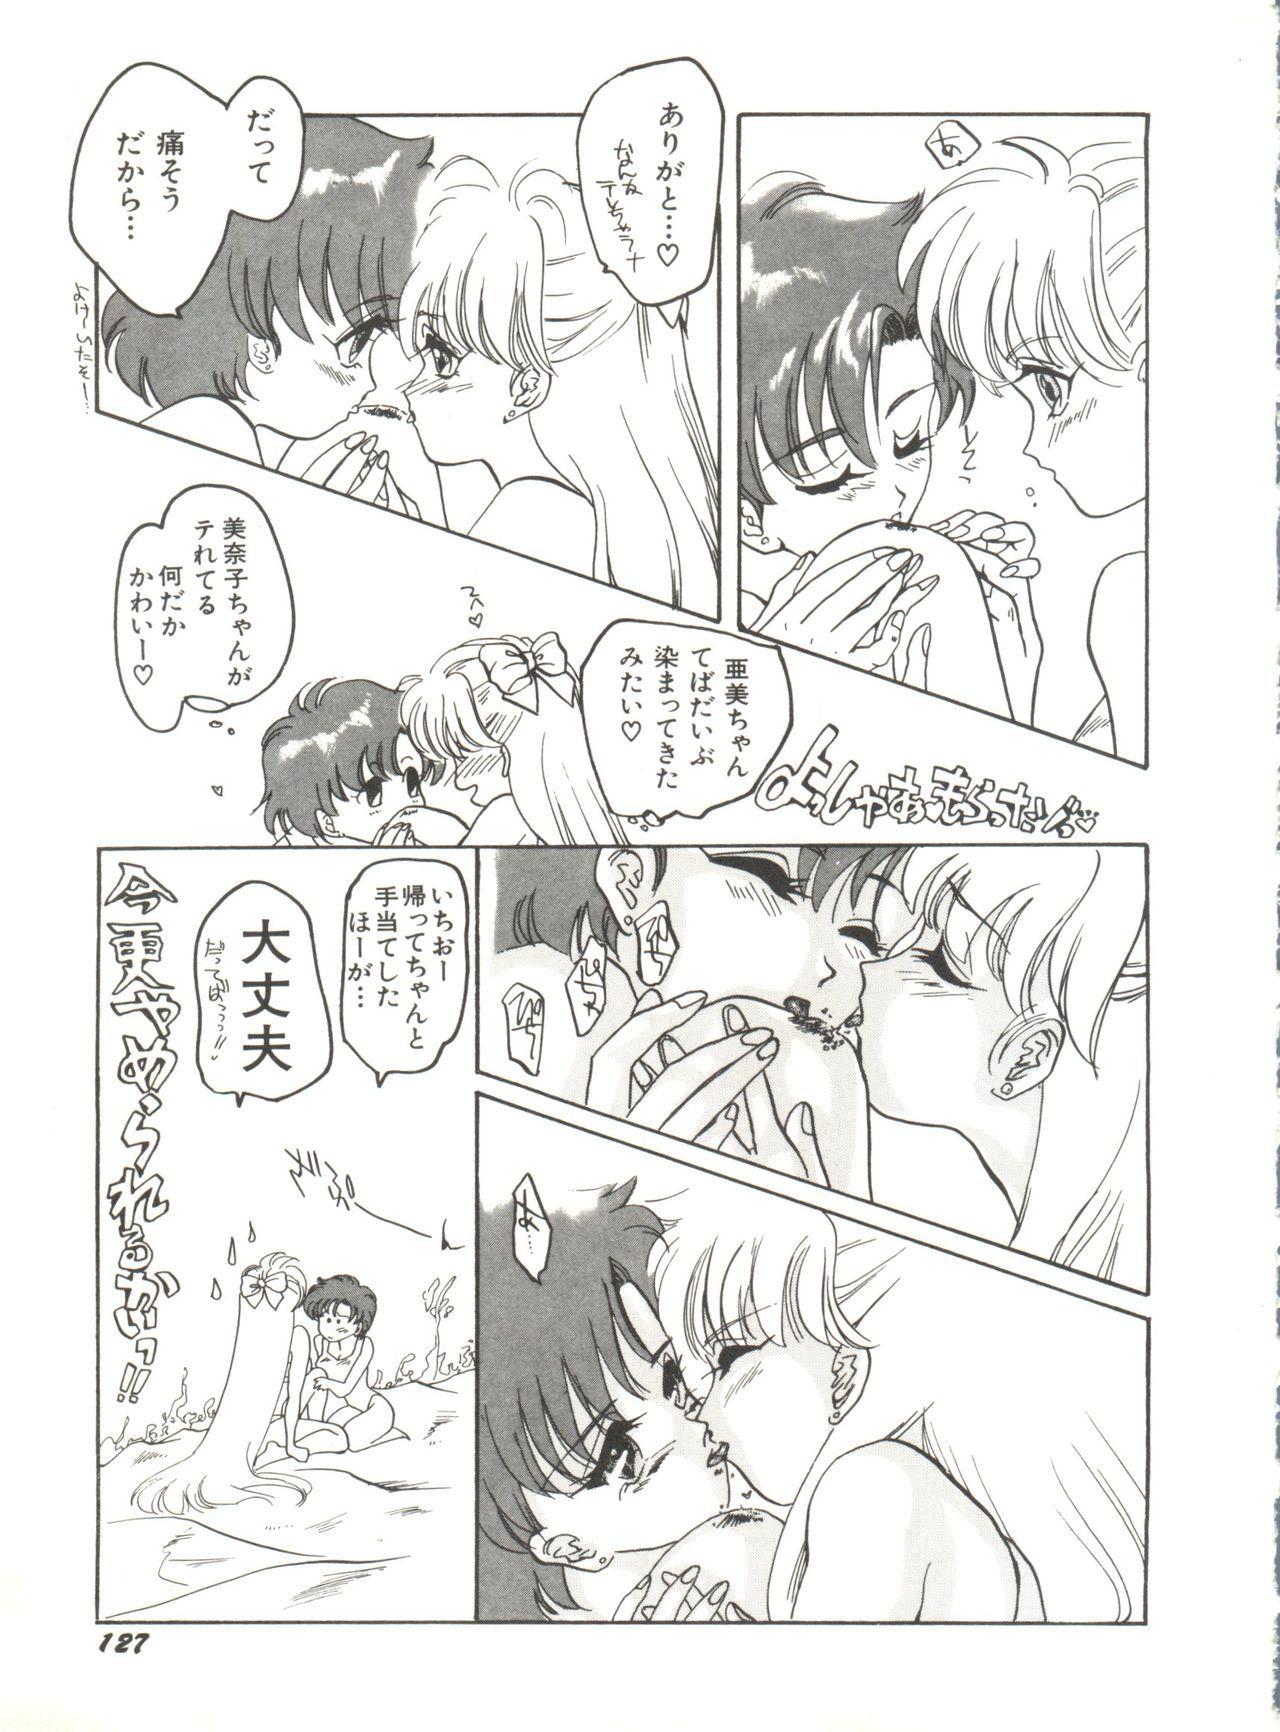 Bishoujo Doujinshi Anthology 12 - Moon Paradise 7 Tsuki no Rakuen 131